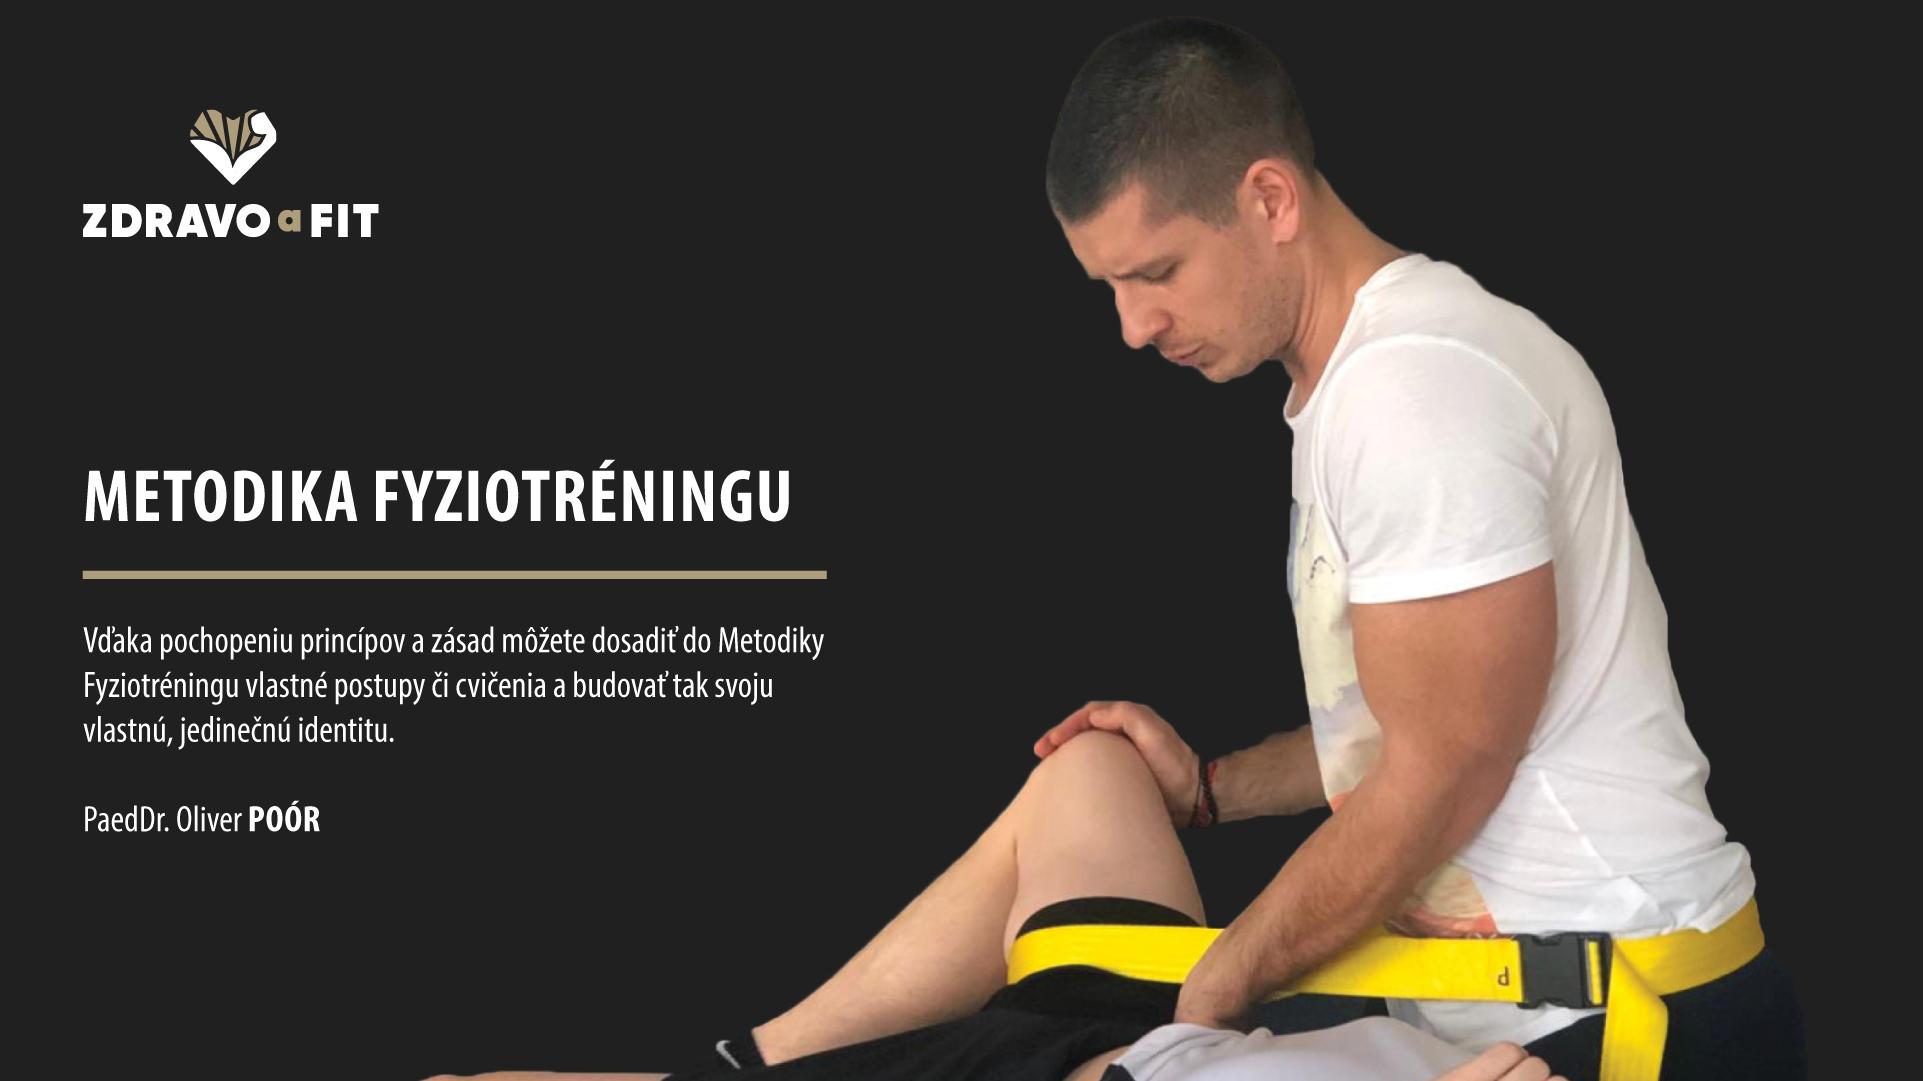 Metodika fyziotréningu